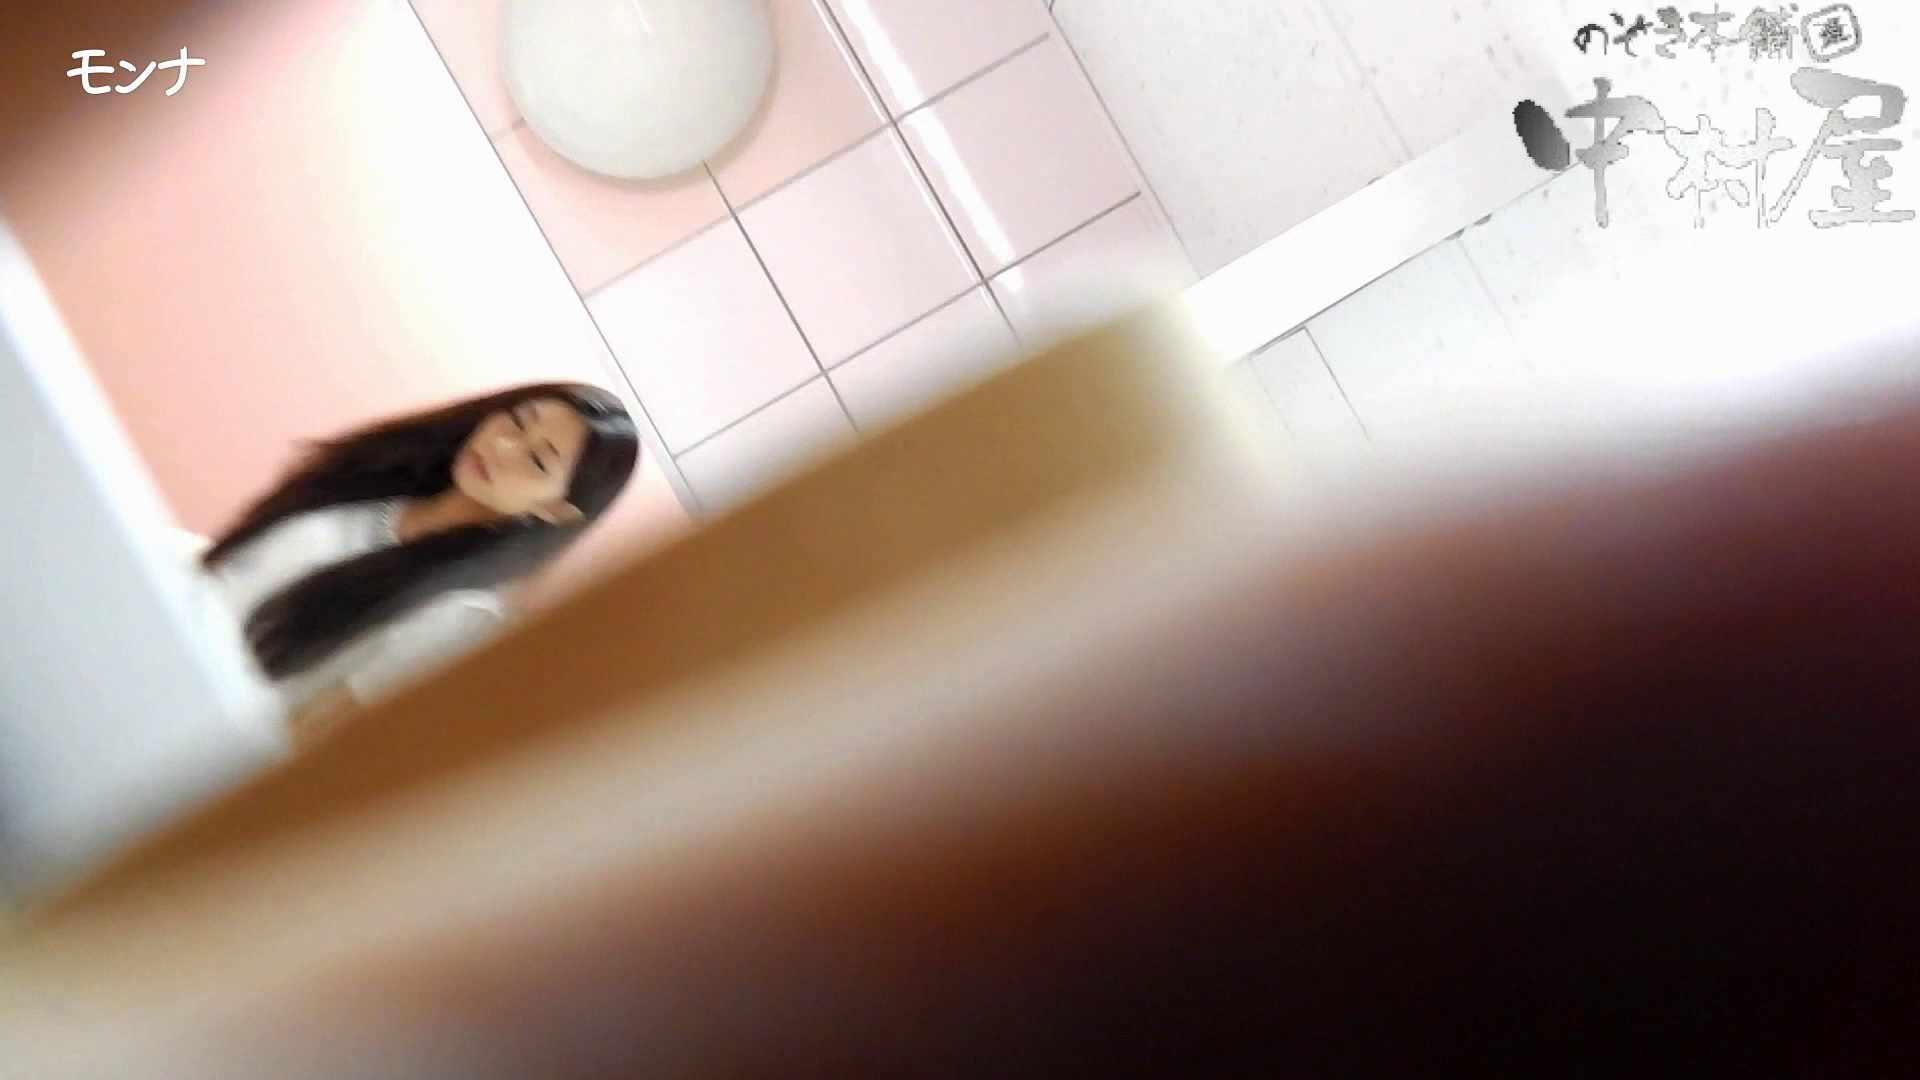 【美しい日本の未来】美しい日本の未来 No.43 復活宣言、本格的に出動、花柄スカートにズームイン マンコバッチリ   盗撮特撮  10pic 1